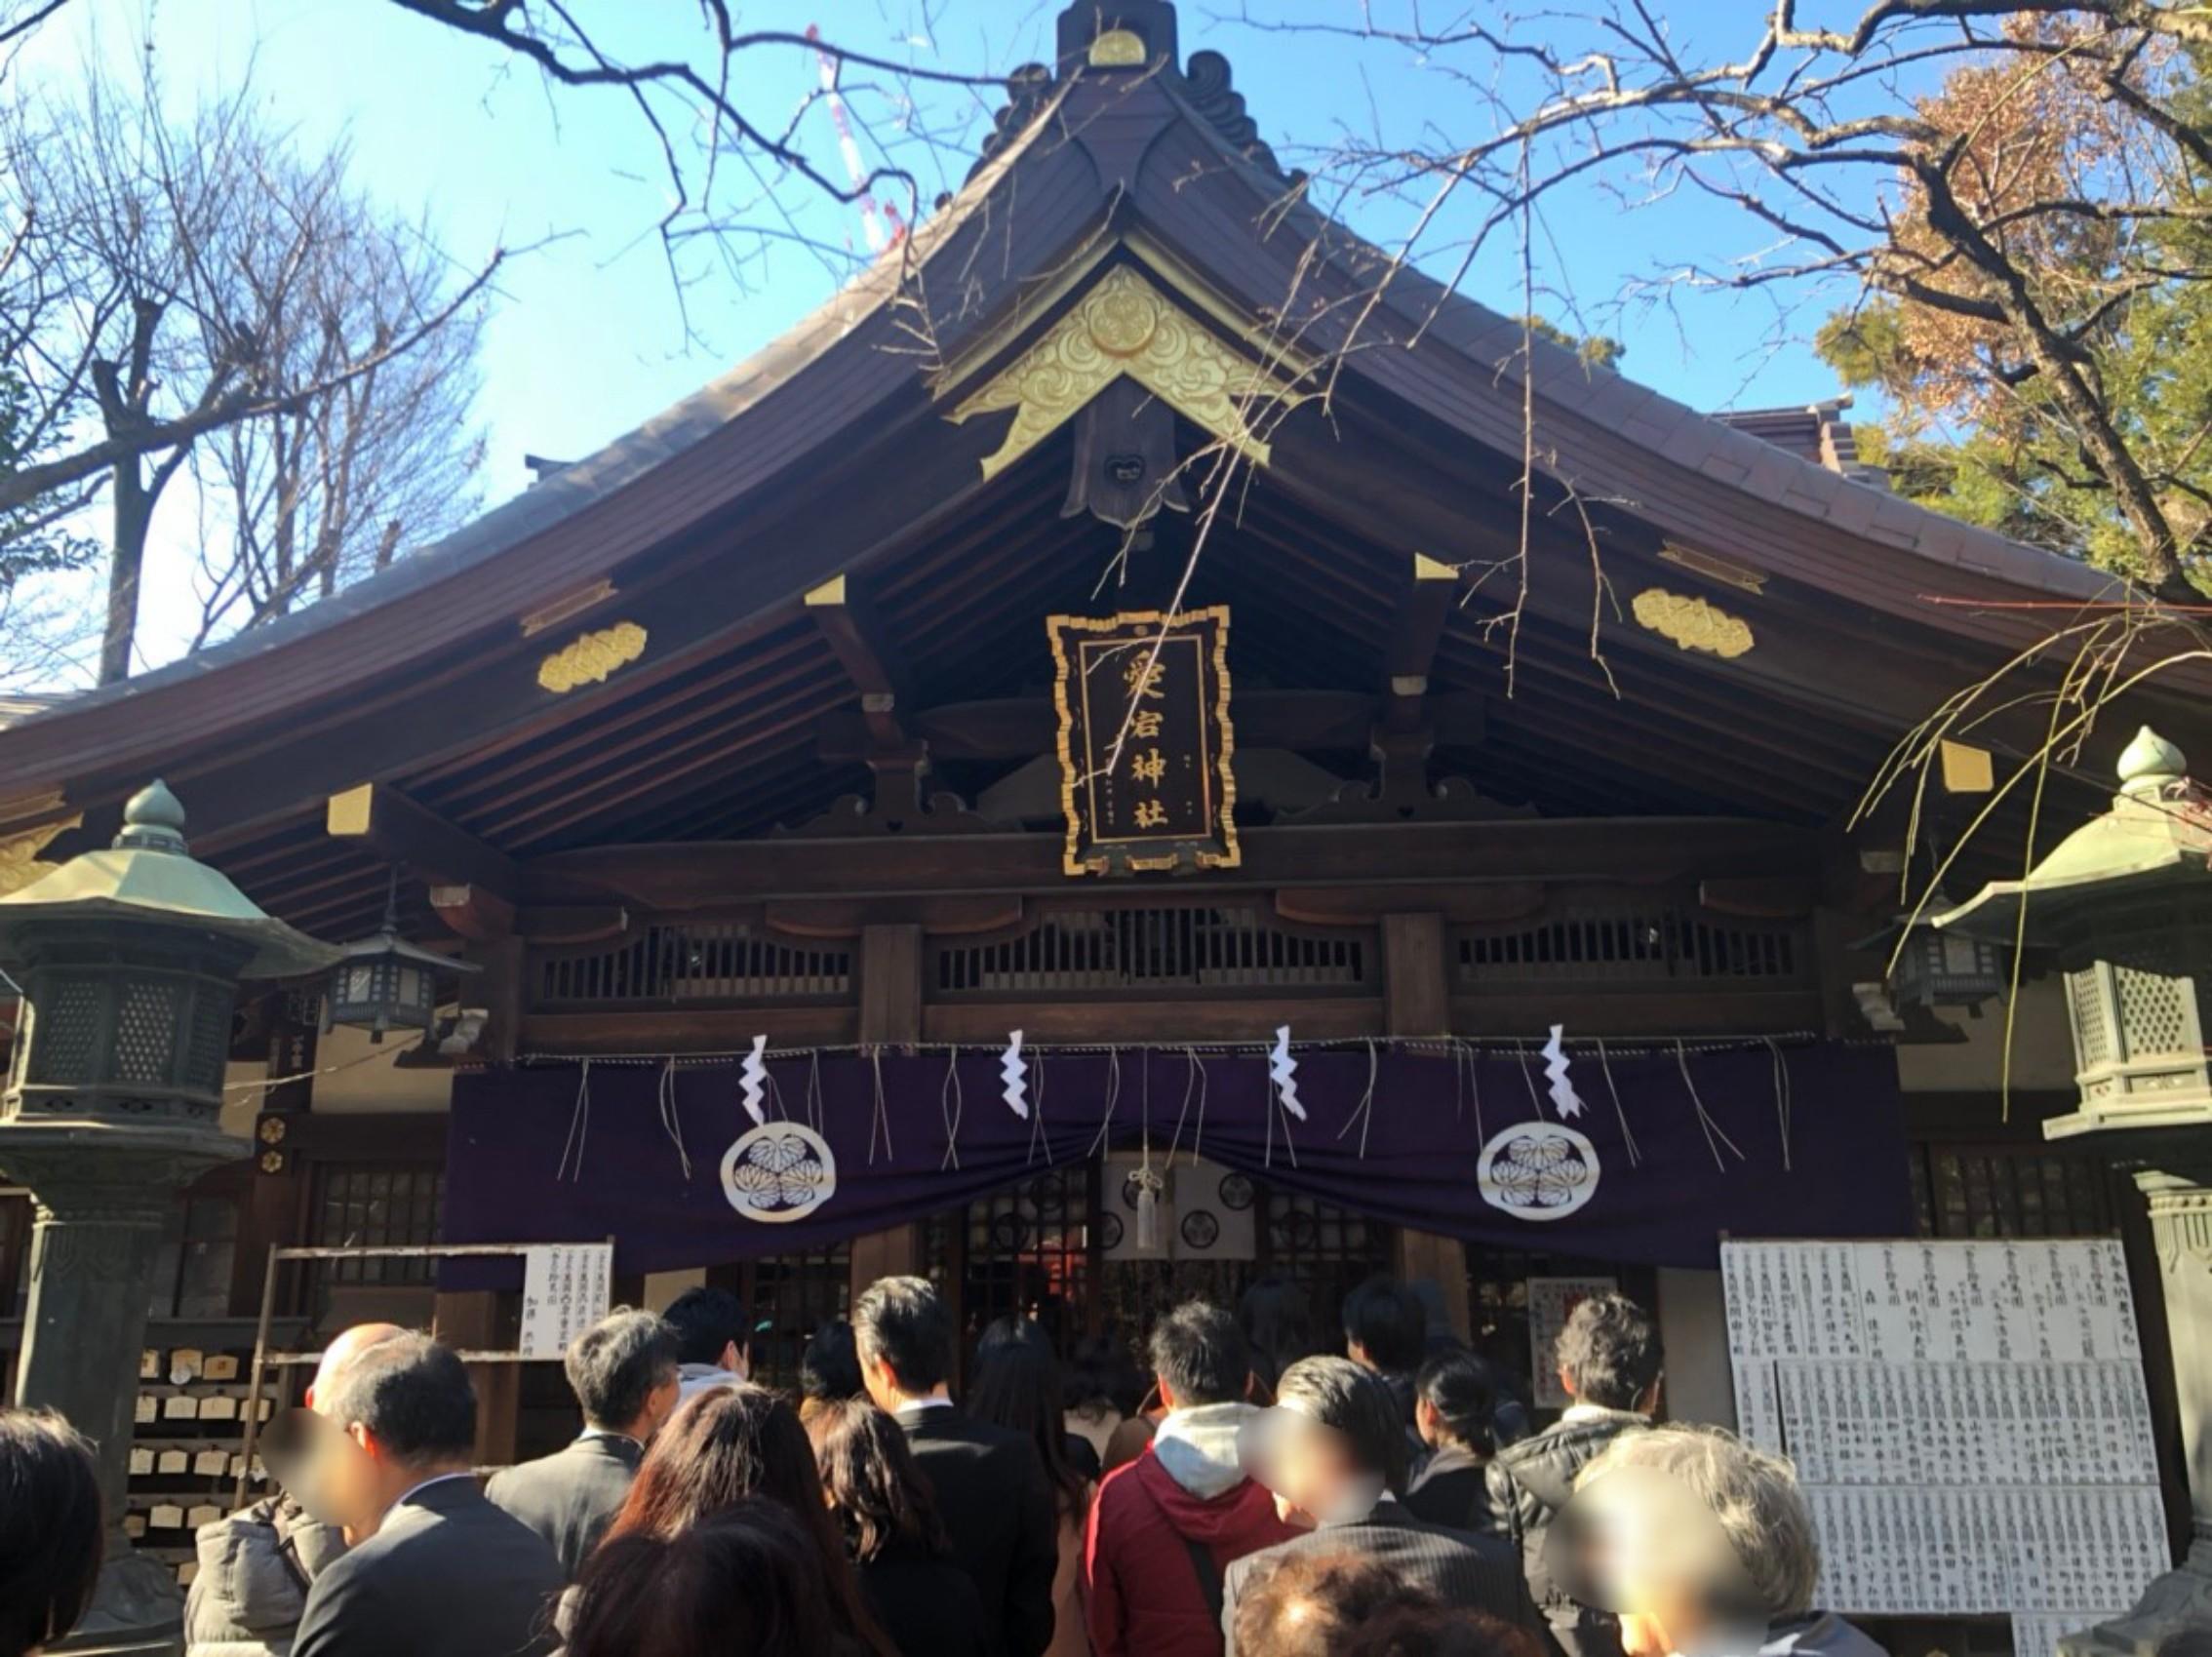 【初詣】神社3社にお参りにいってきました( ´∀`)_4